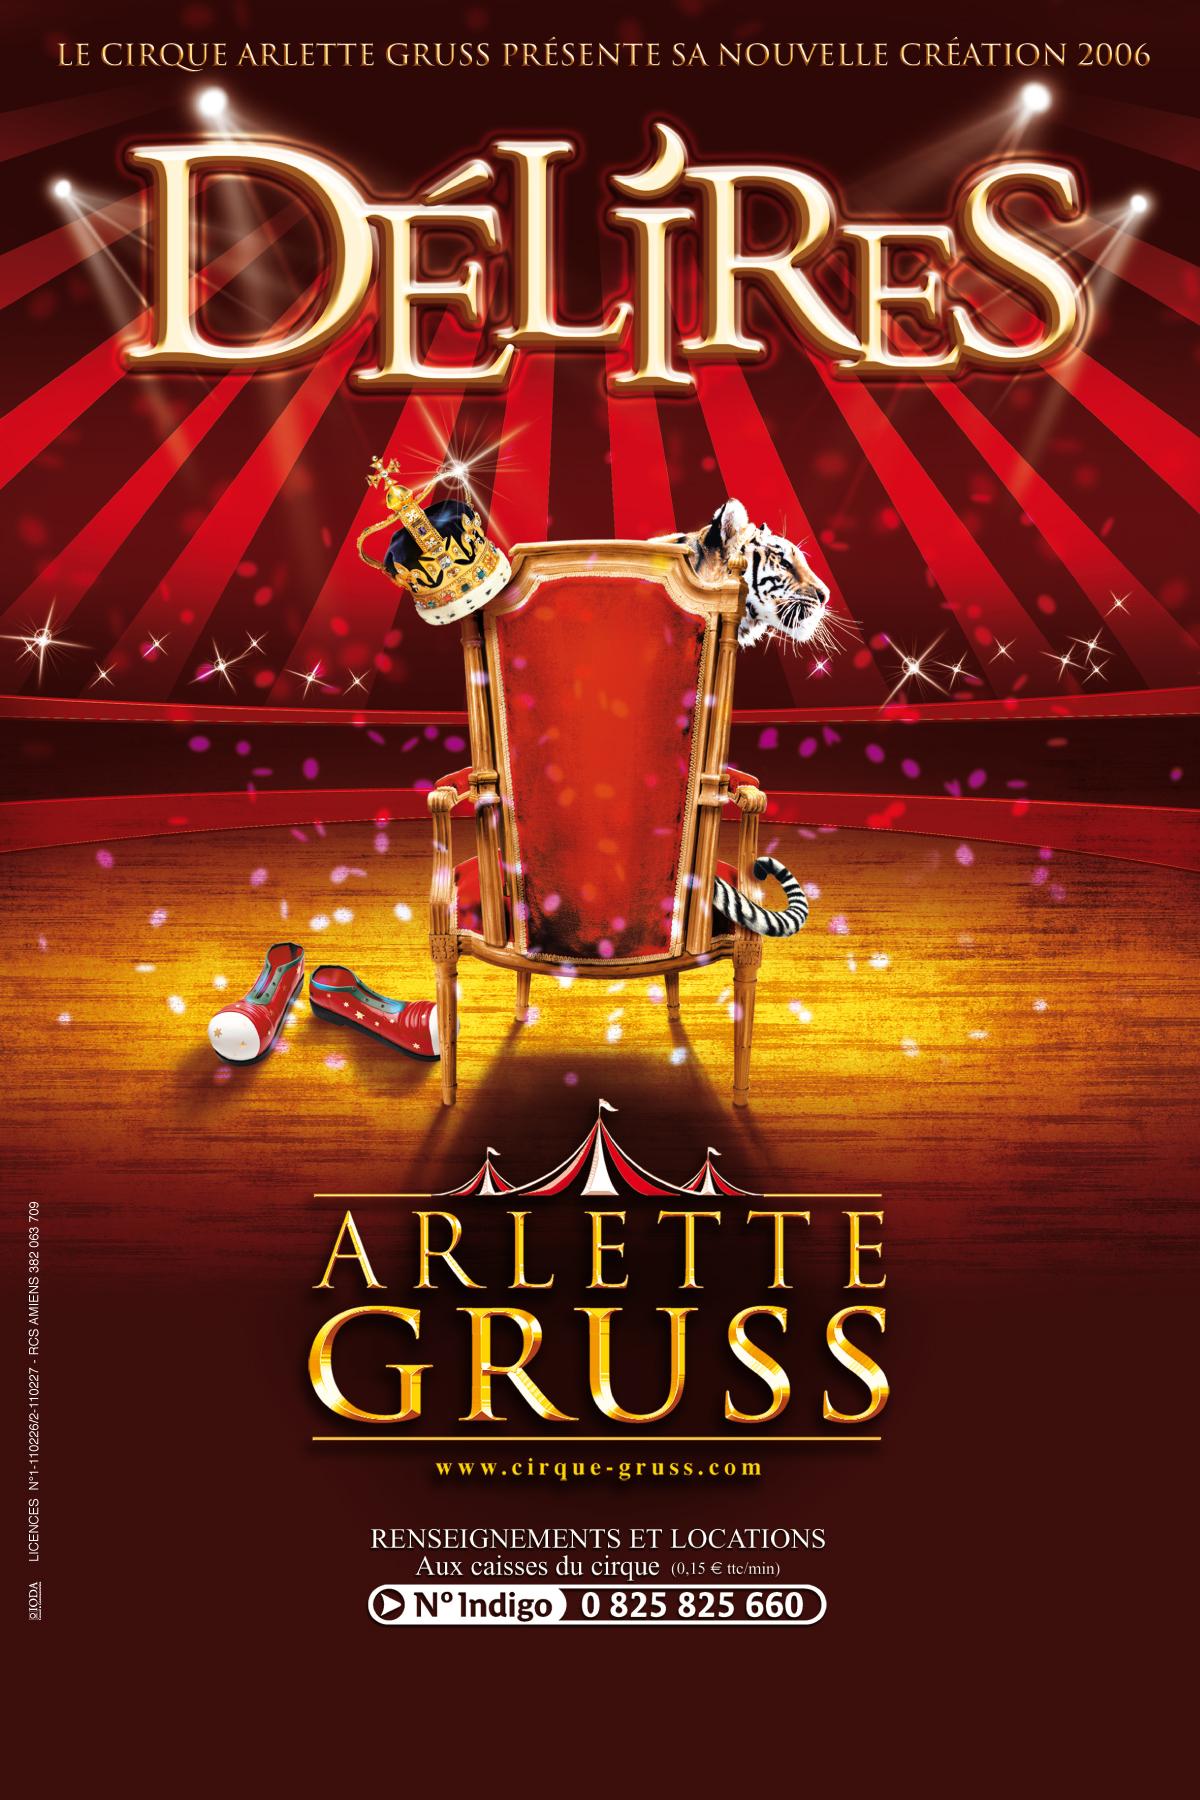 Délires - Cirque Arlette Gruss